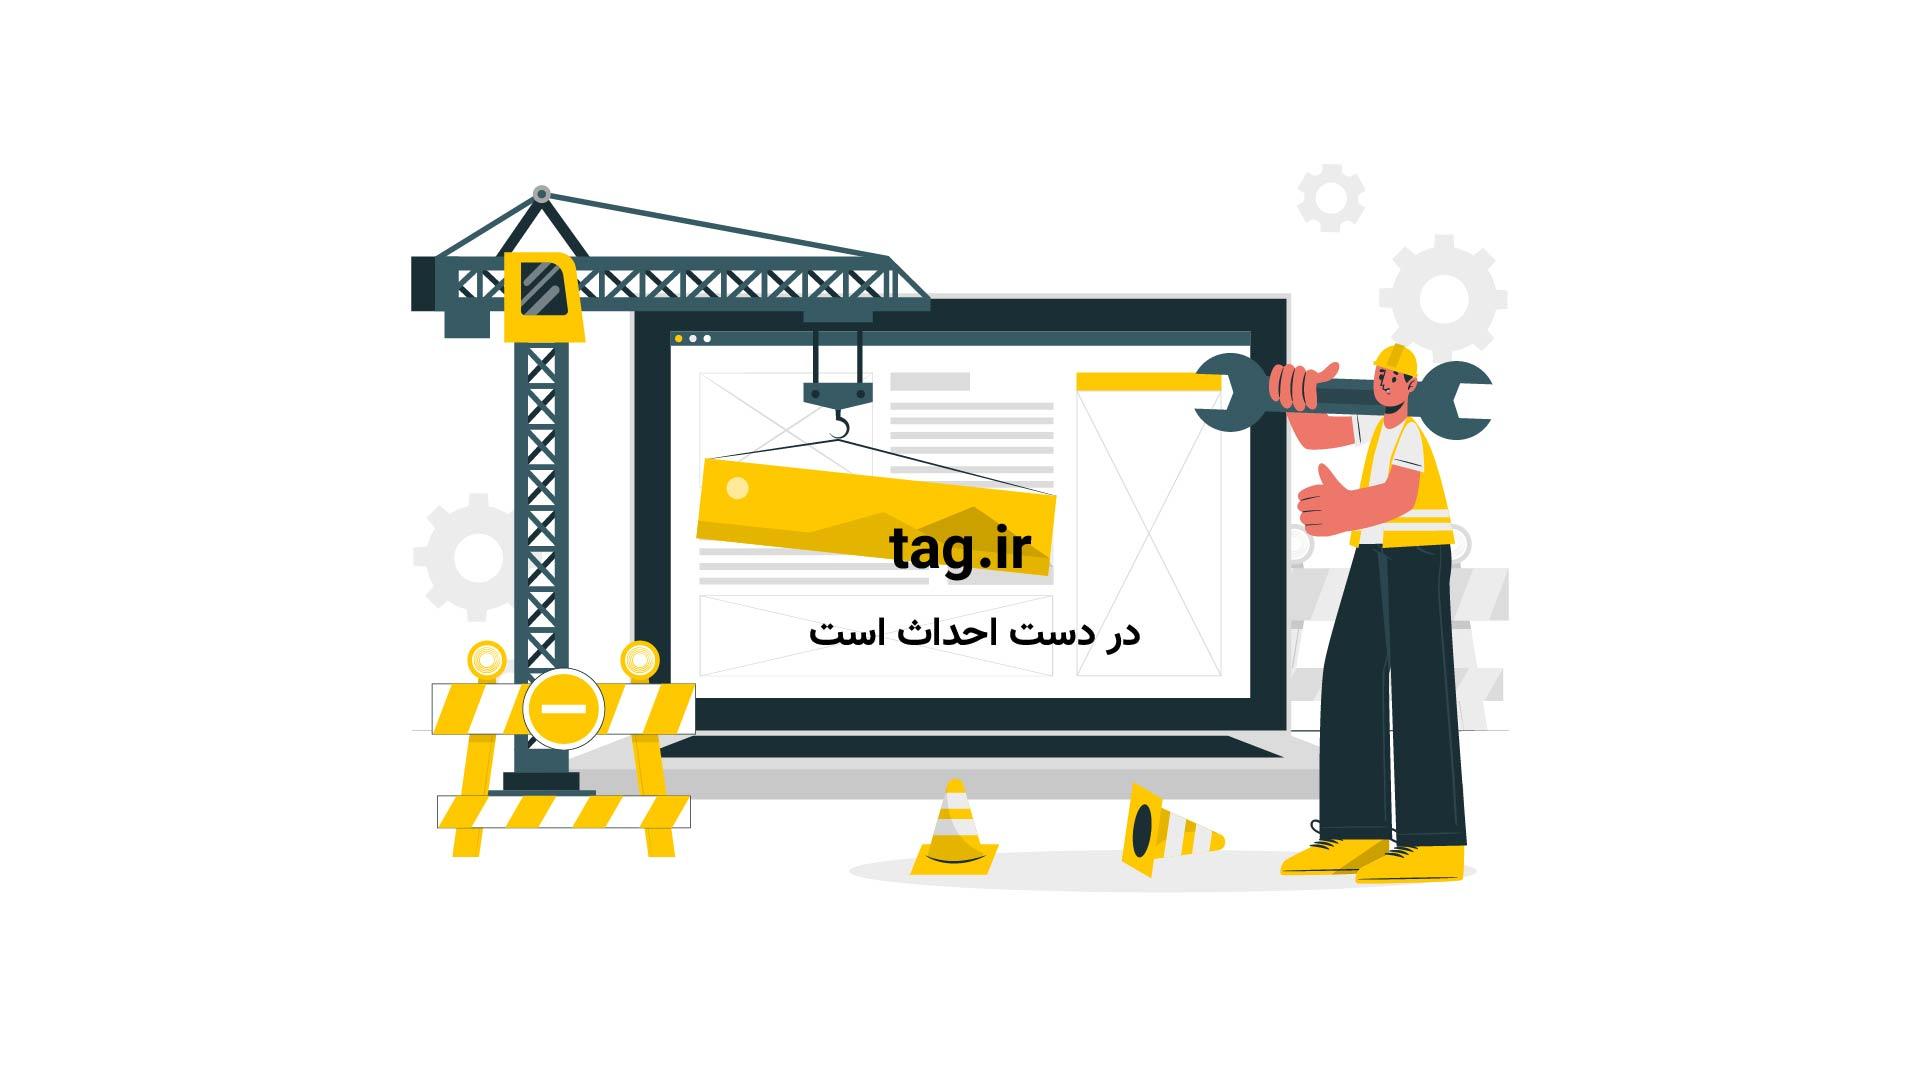 جدیدترین تصاویر از پيکرهاي پاک شهداي انفجار تروریستی حله توسط داعش | فیلم